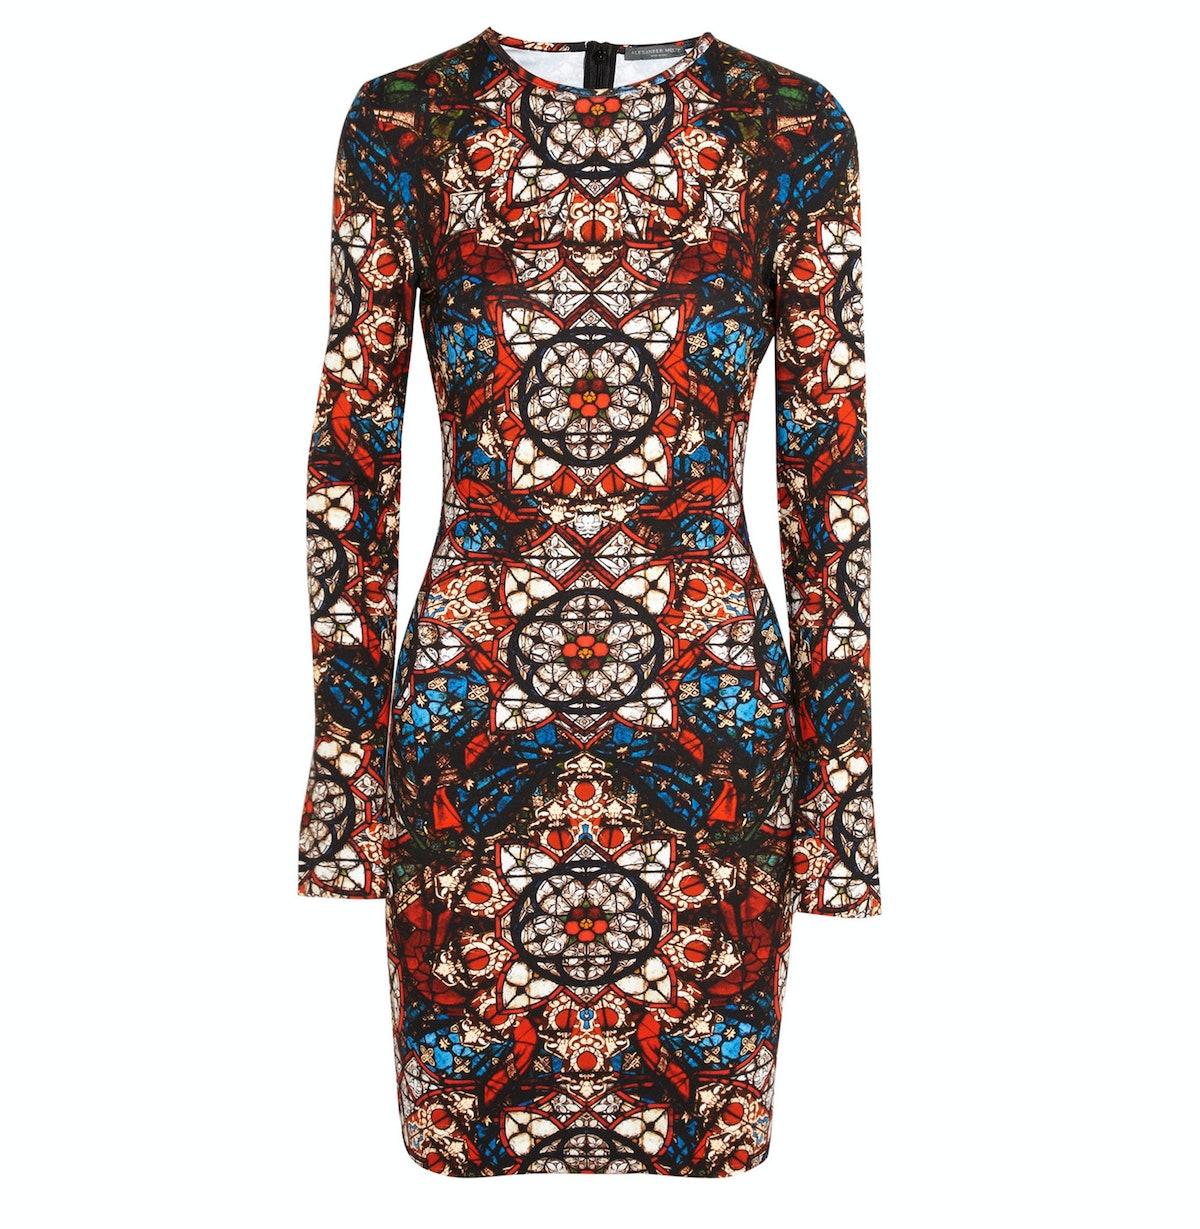 fass-katie-becker-statement-dresses-04